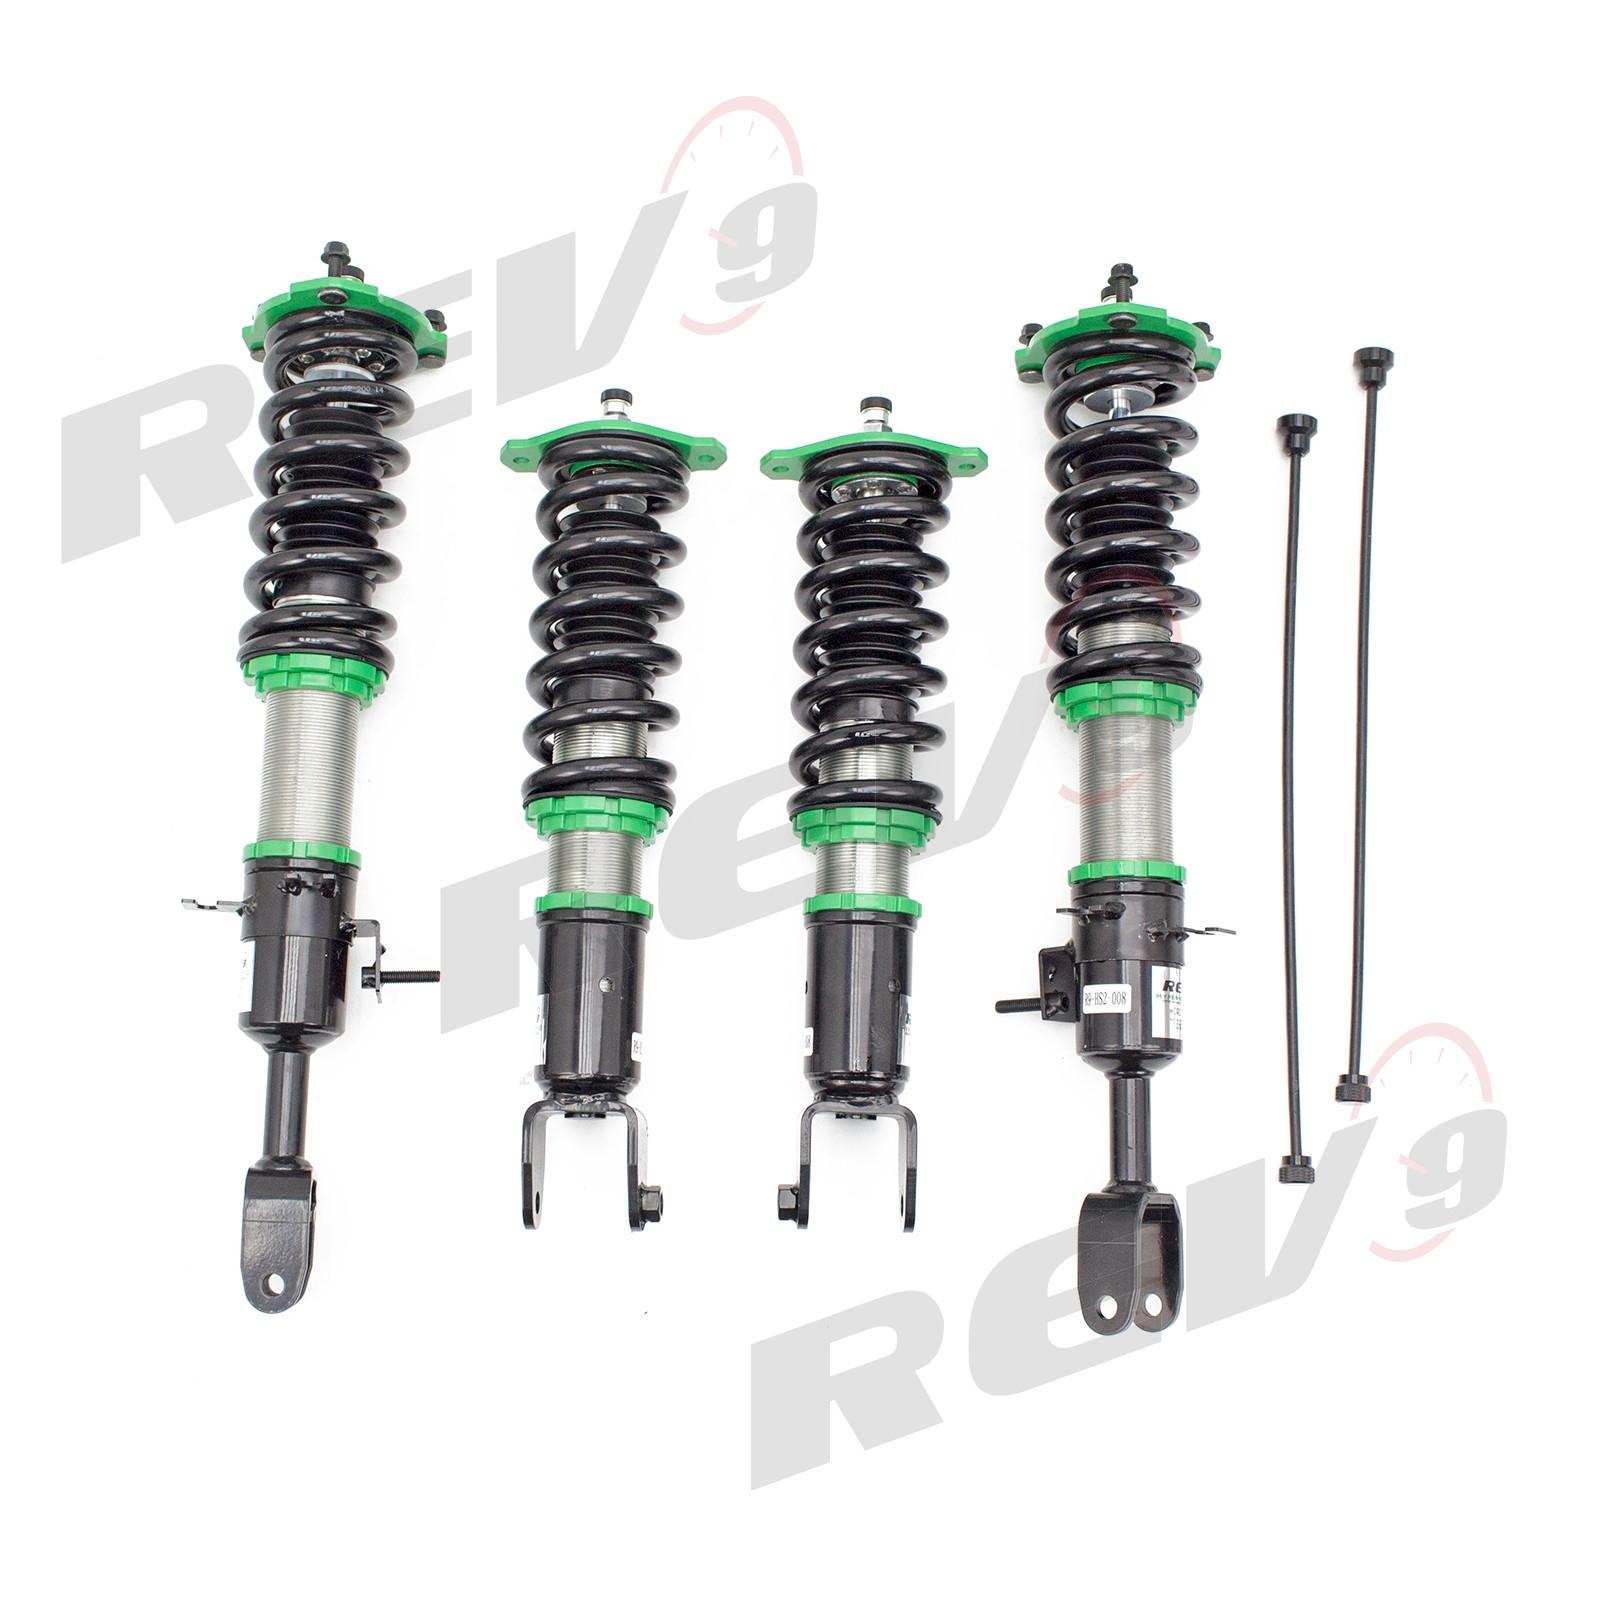 Rev9Power: Hyper-Street 2 Coilover Dampers Infiniti G35